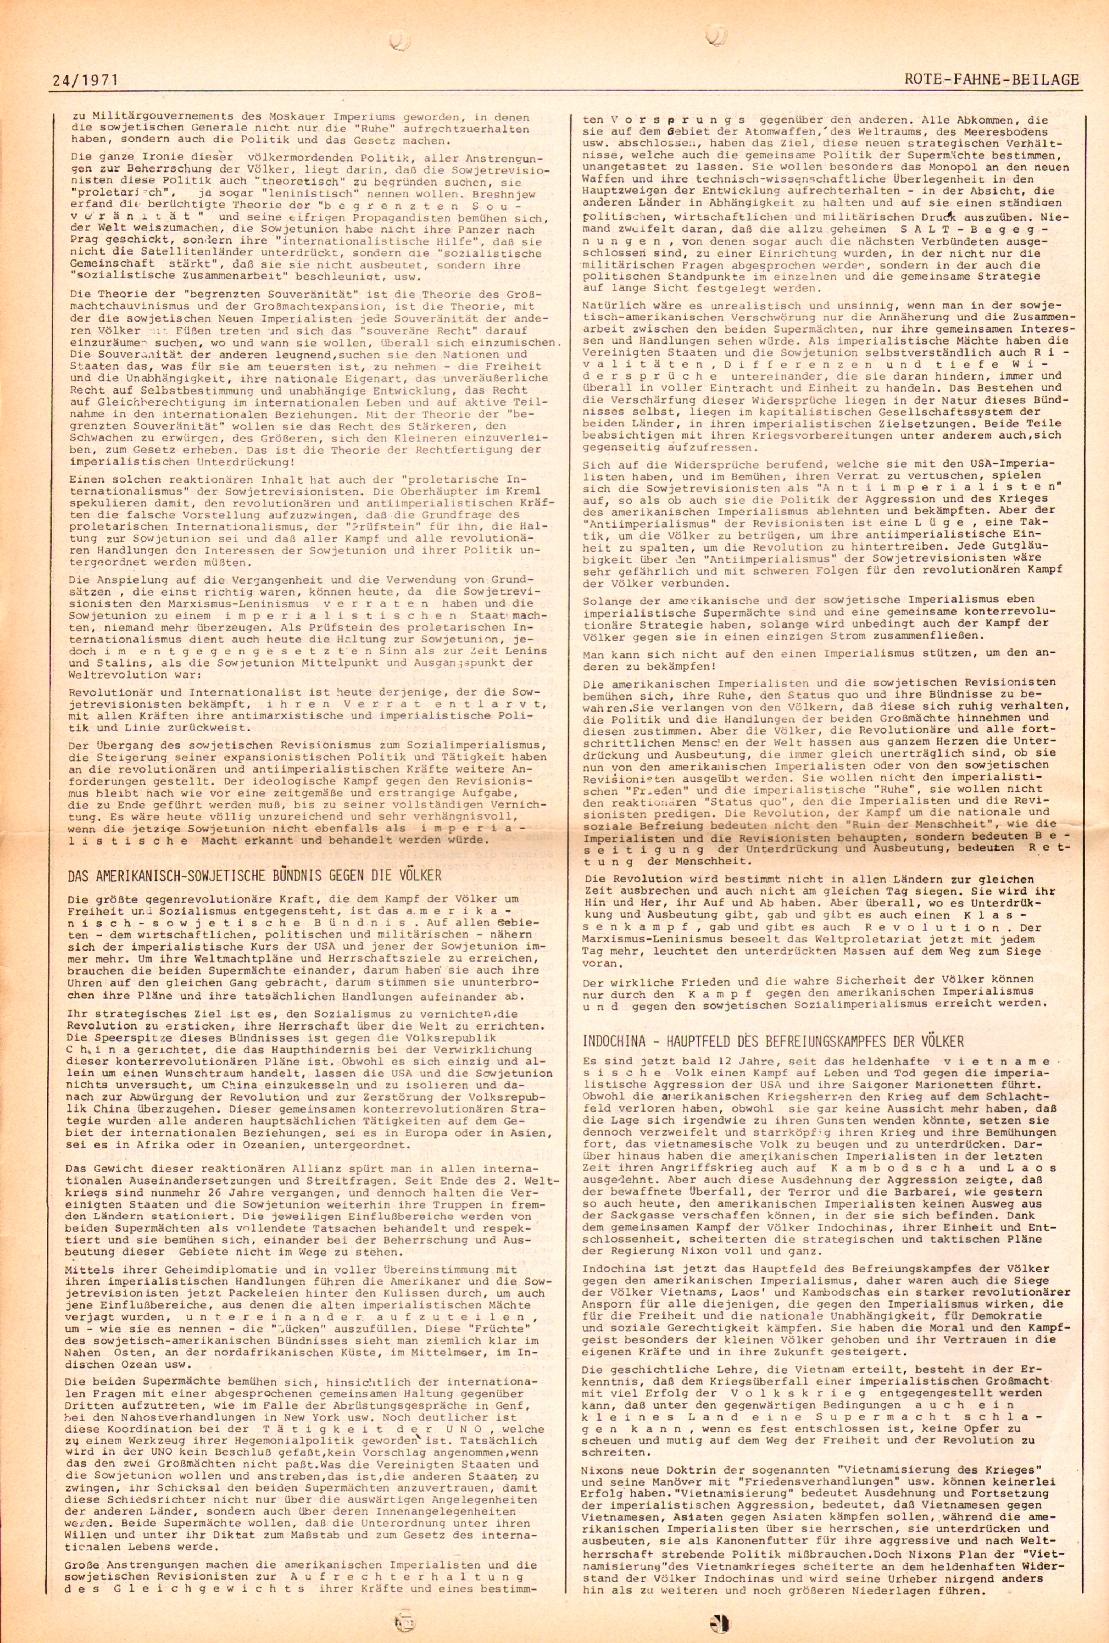 Rote Fahne, 2. Jg., 6.12.1971, Nr. 24, Seite 8